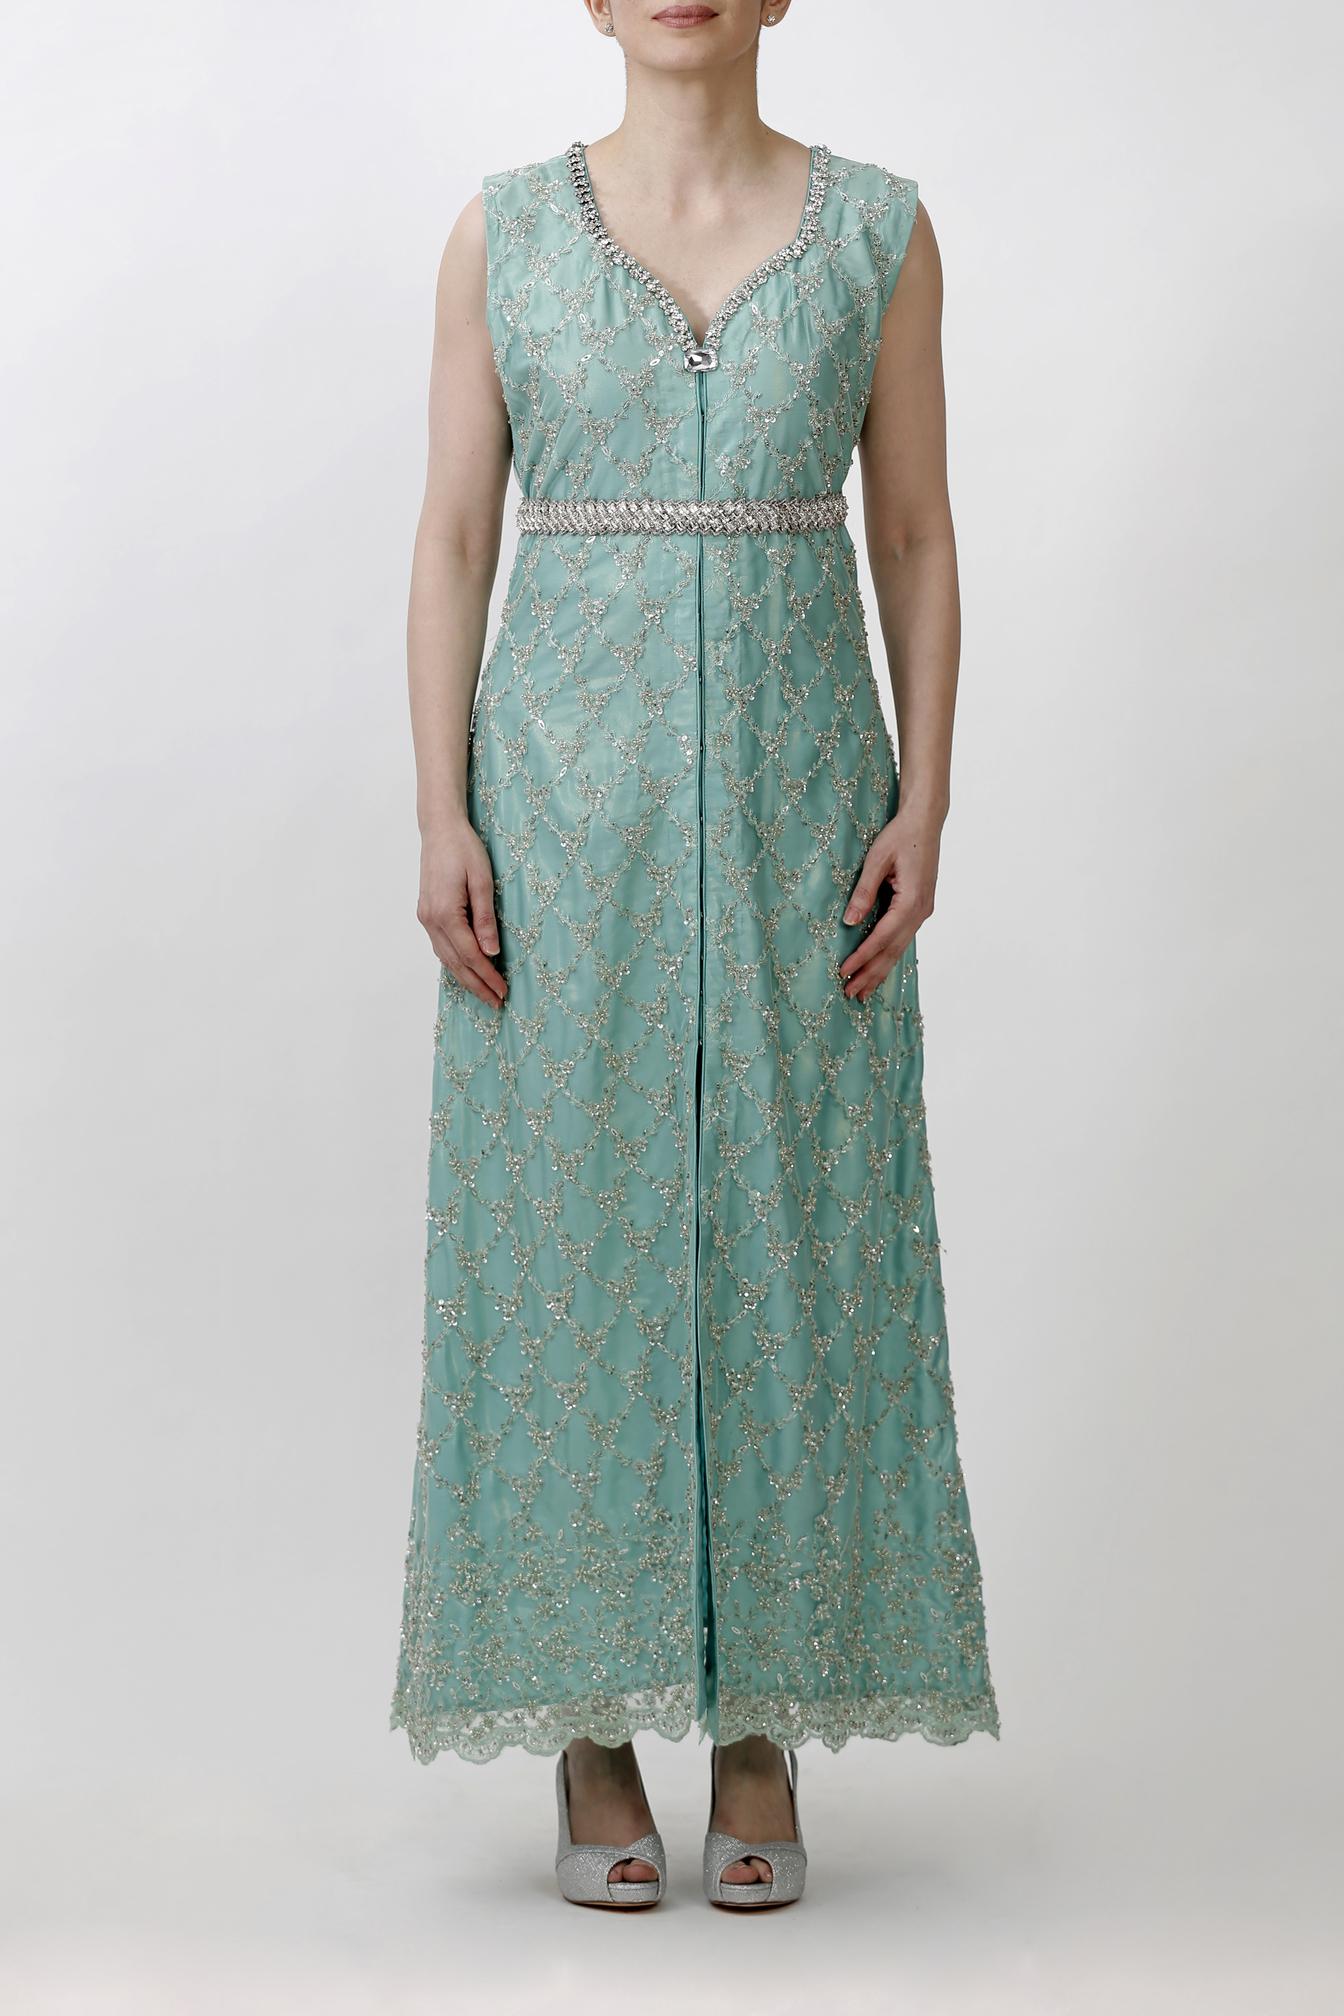 107 turquoise coat 1344x2016